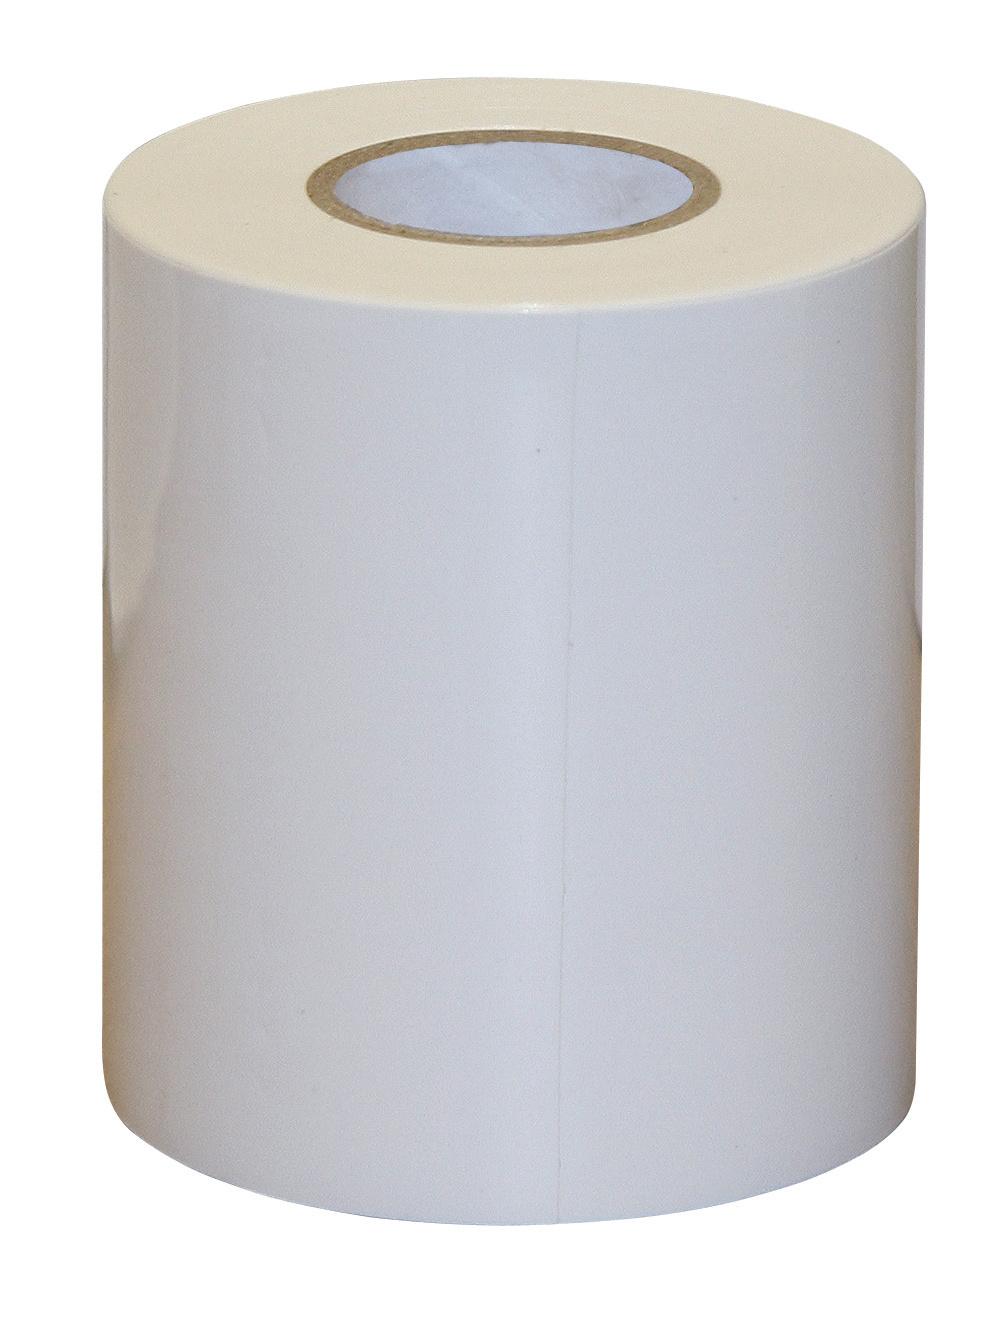 Reparatur-Klebeband weiß 100mm x 25m (Stärke 0,2mm)